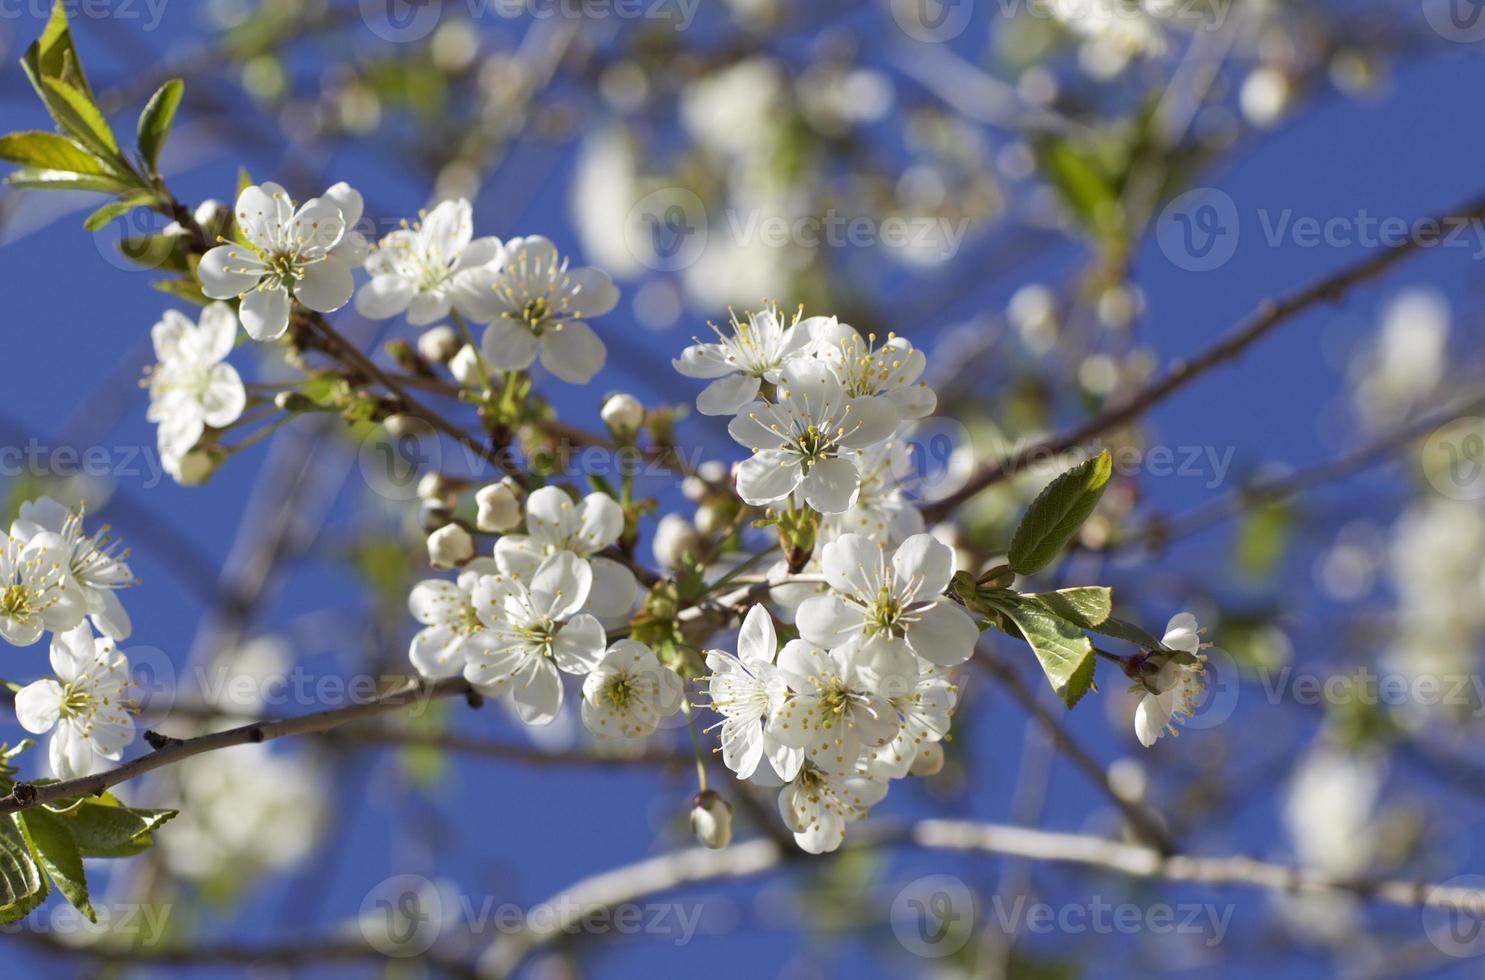 kersenbloesem tegen de blauwe lucht foto